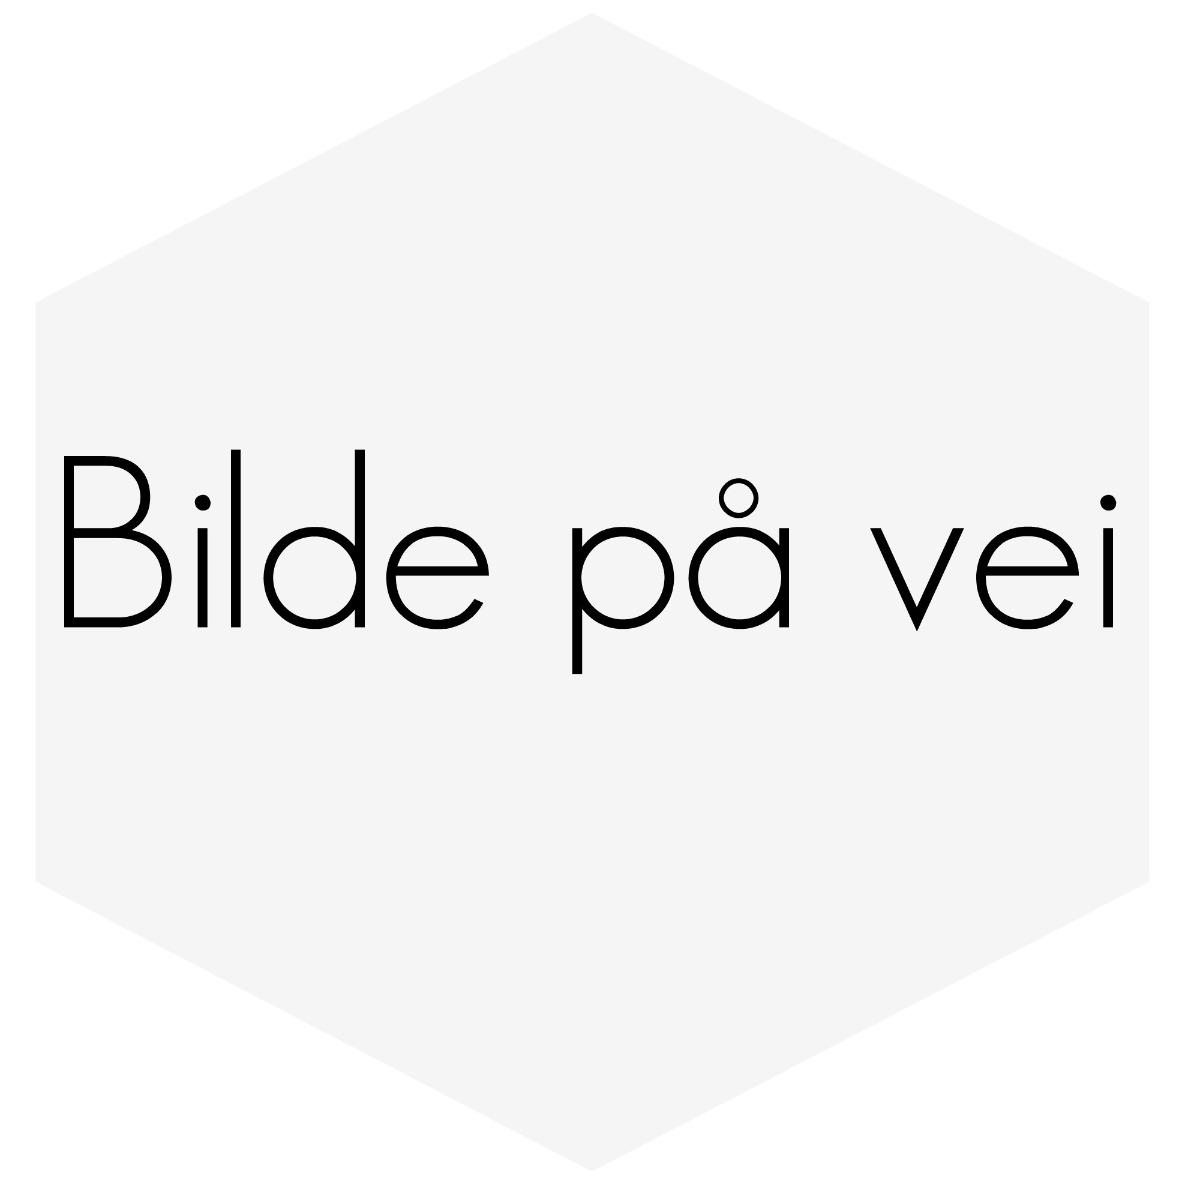 OLJEKJØLER 16 RADER MÅL:L.330,B51,H.145MM